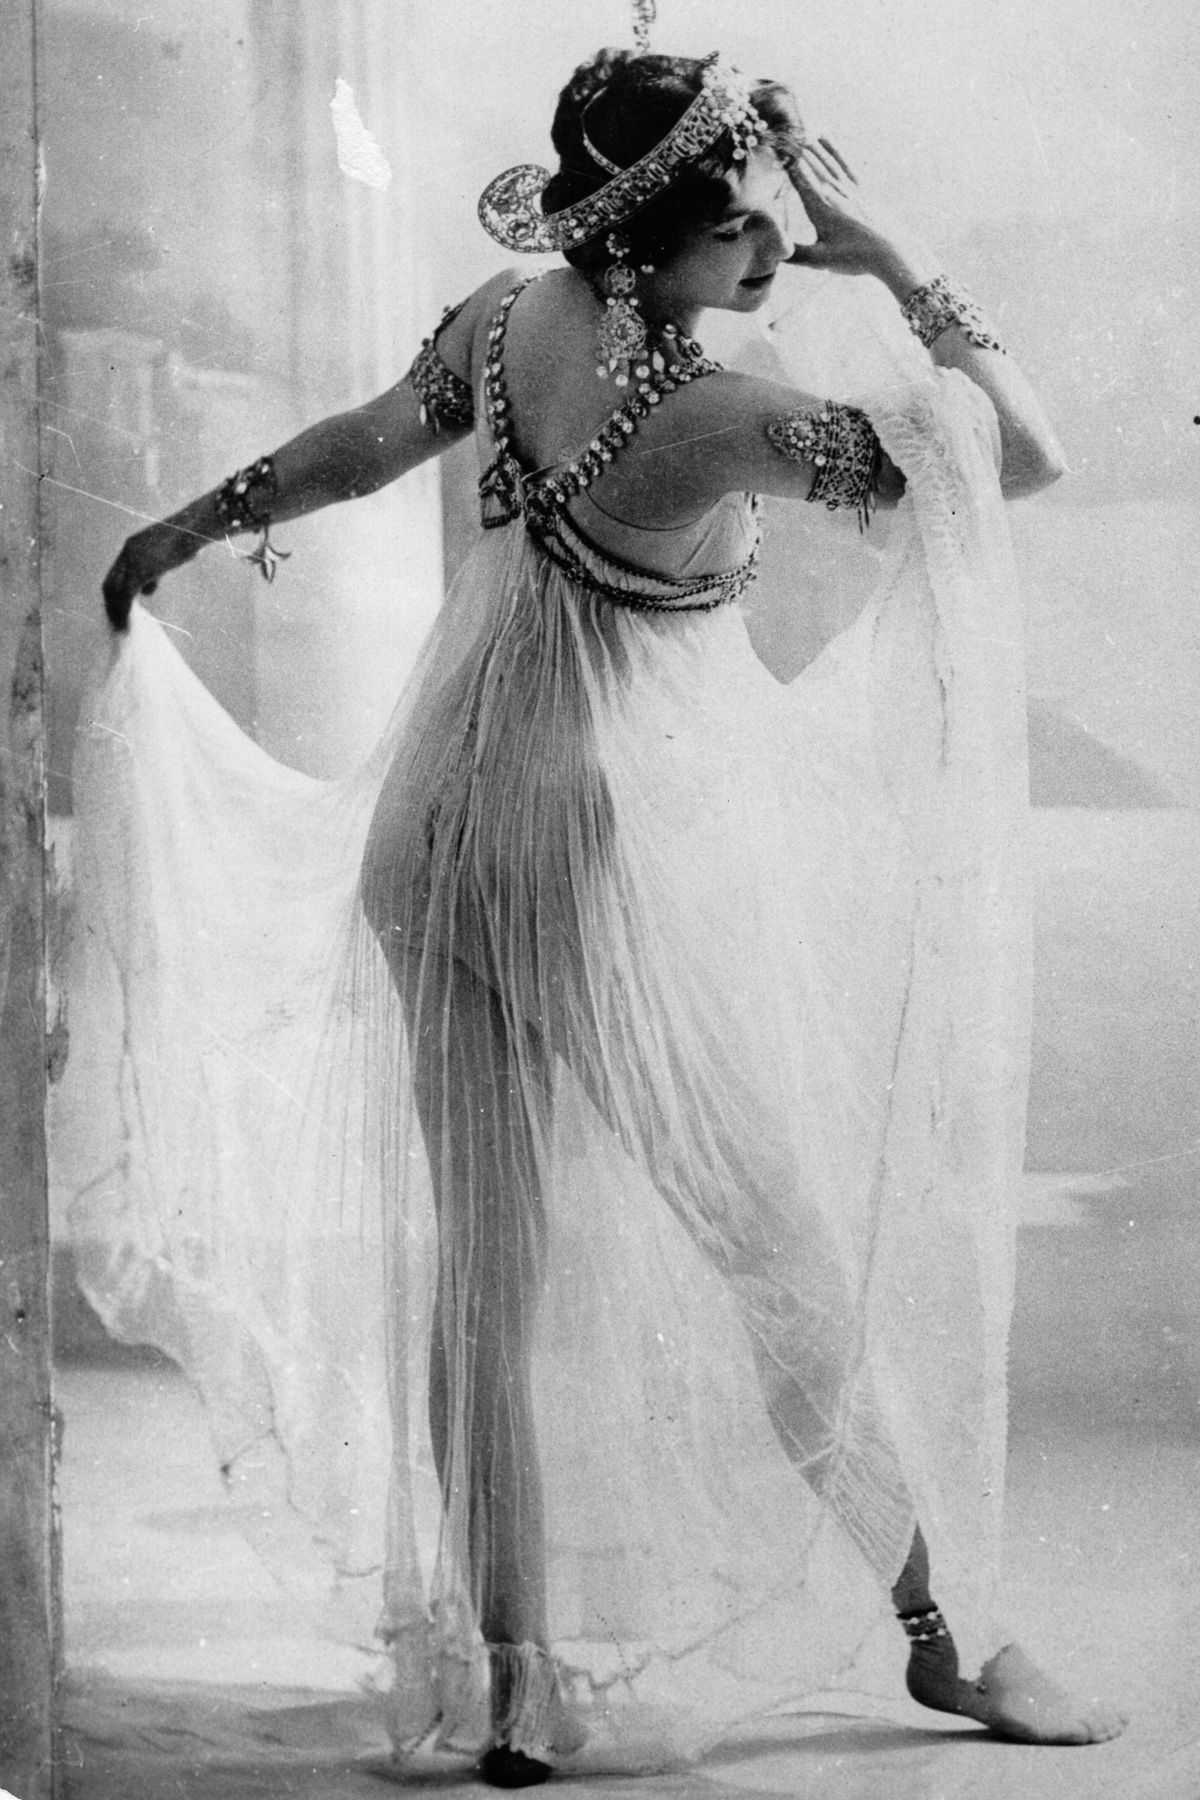 A história dramática de Mata Hari, dançarina exótica e notória espiã da Primeira Guerra Mundial 04